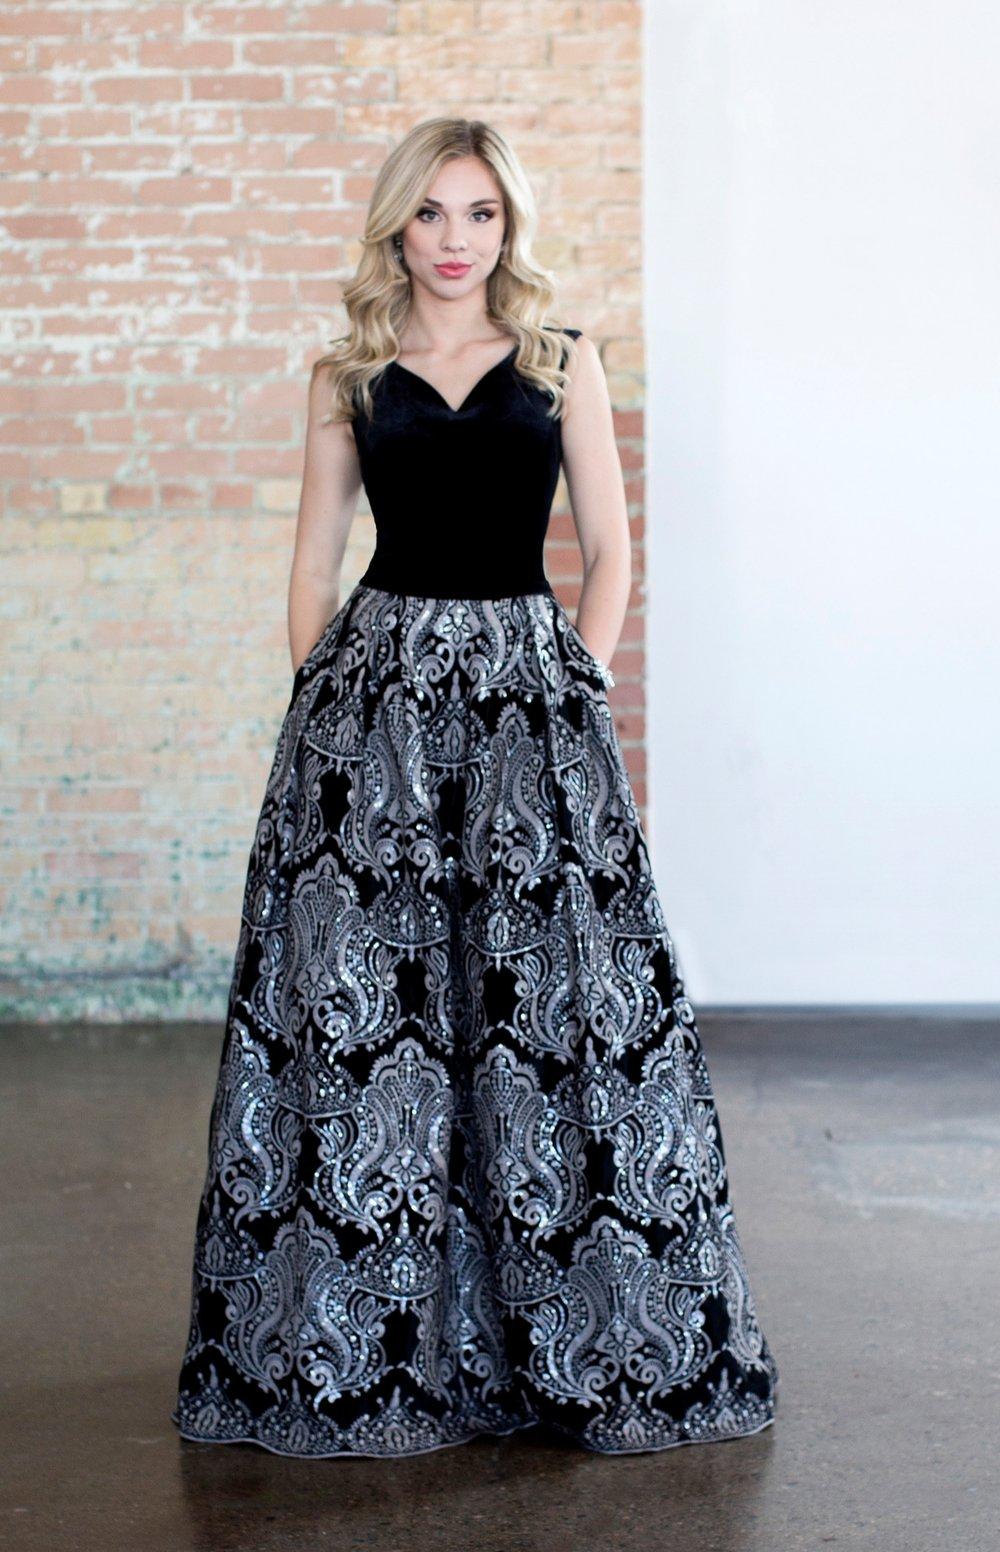 Colette CLM18331 Black Velvet Modest Prom